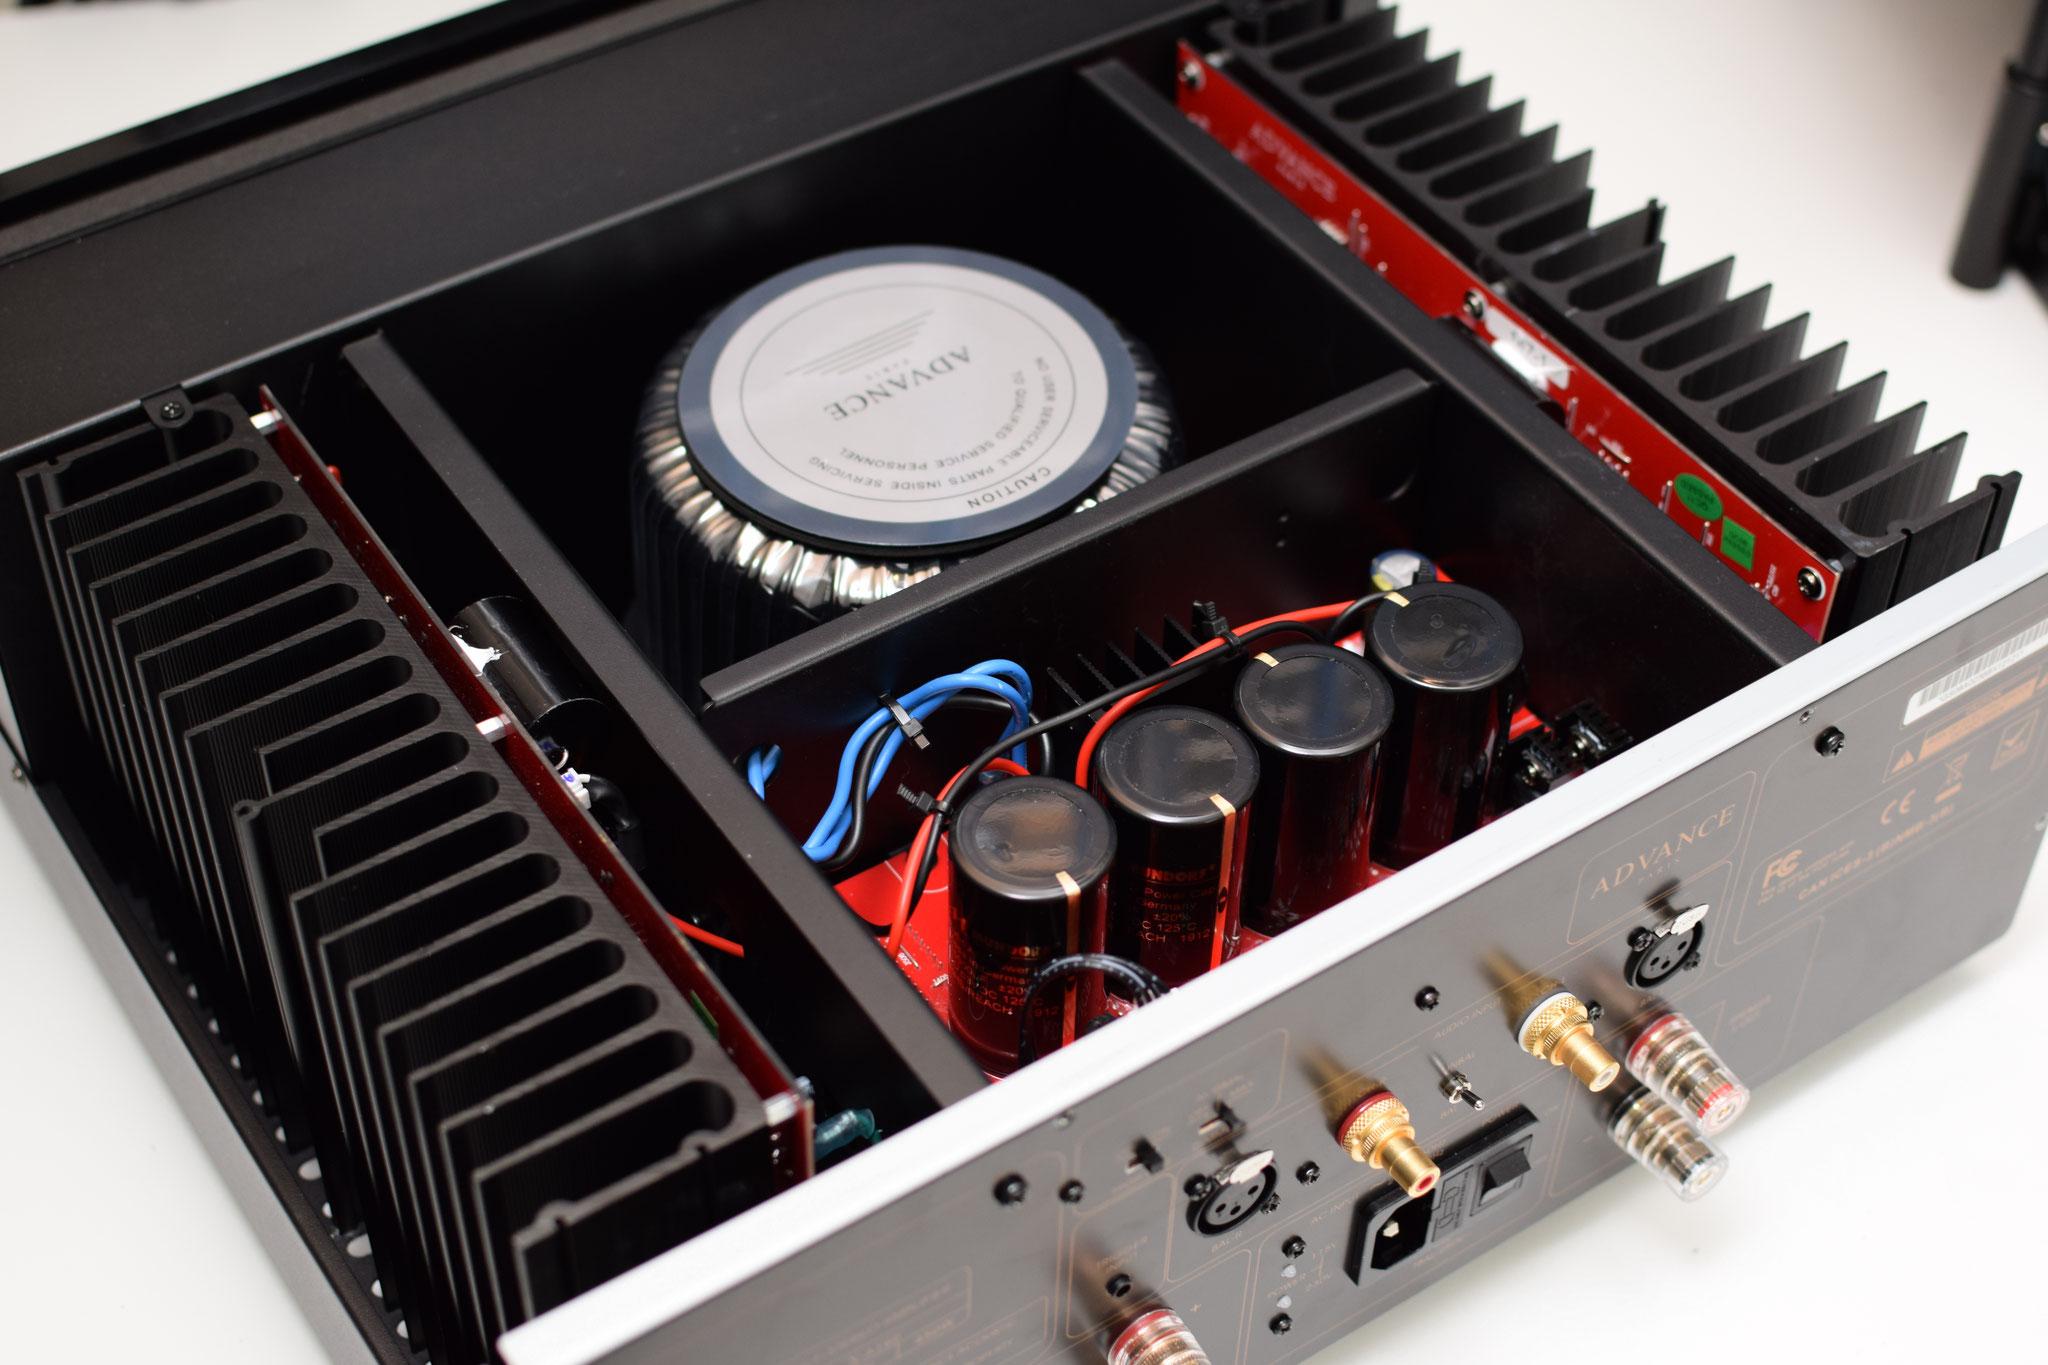 Advance Acoustic Paris X-A160 authentic cinema